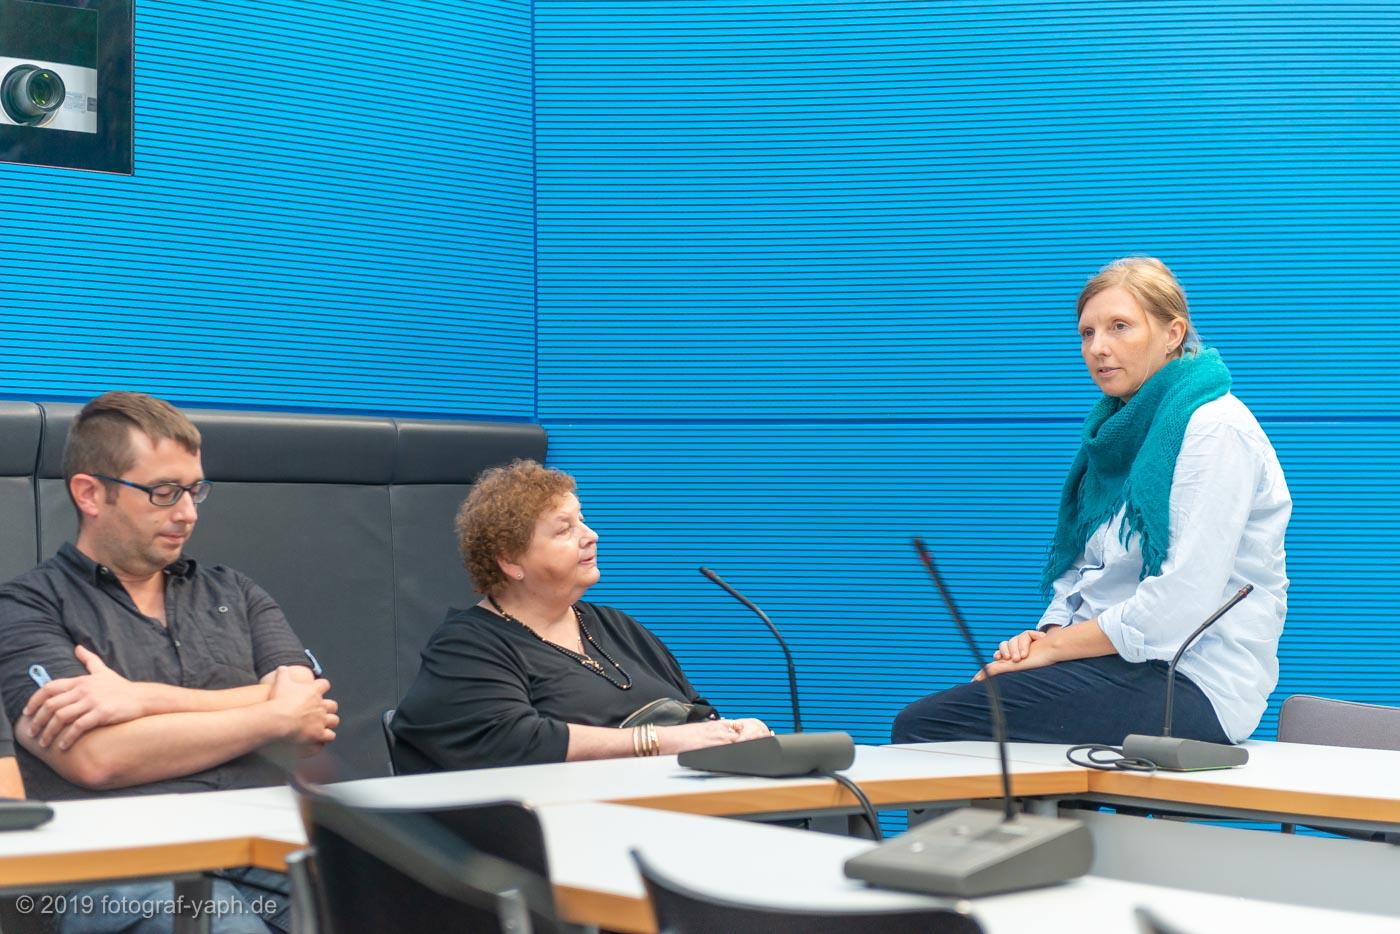 Corinna Rüffer im Gespräch mit Bürgern im Sitzungsraum der Grünen im Bundestag Berlin